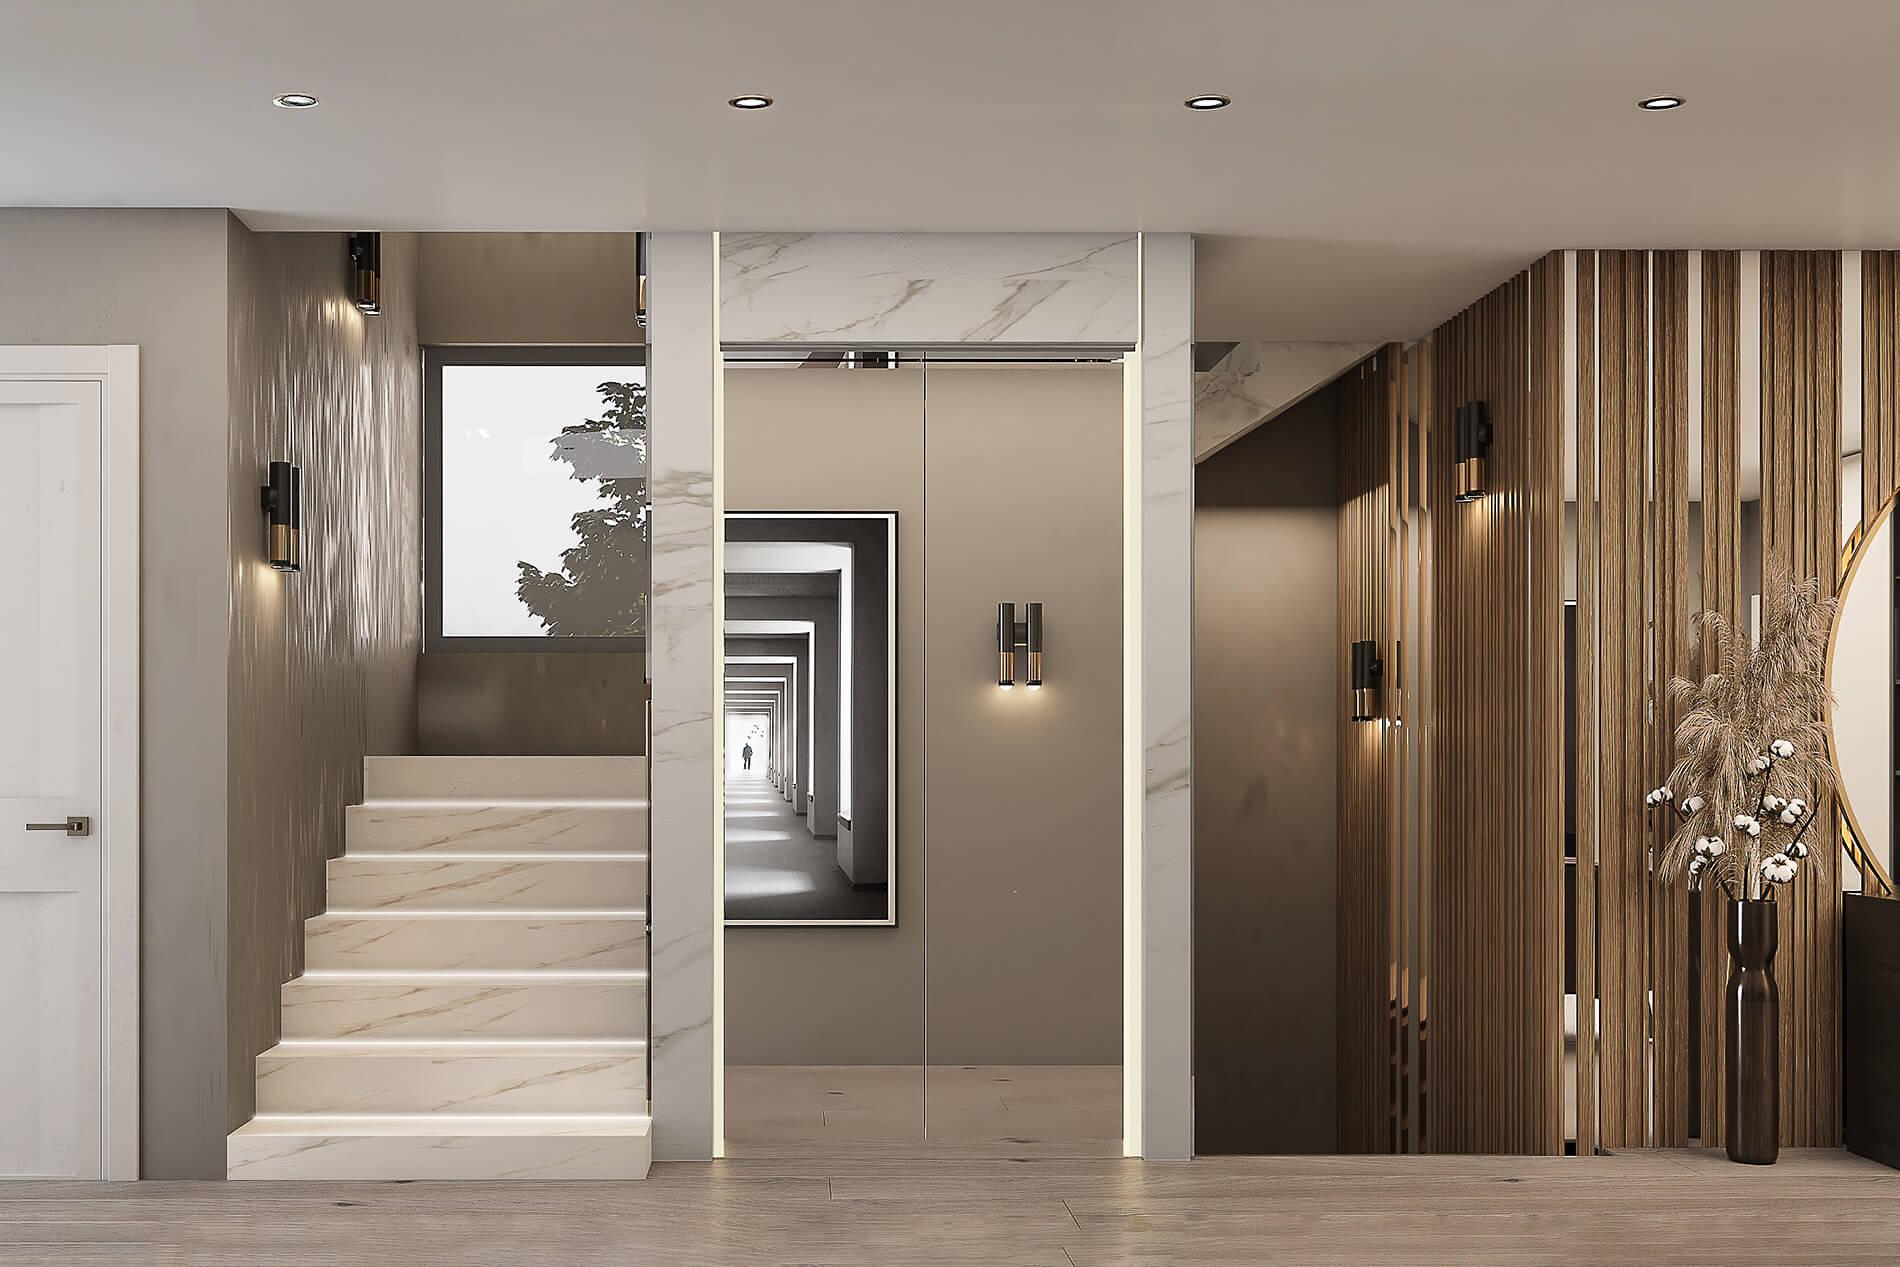 interioren-proekt-na-koridor-na-kashta-s-asansior